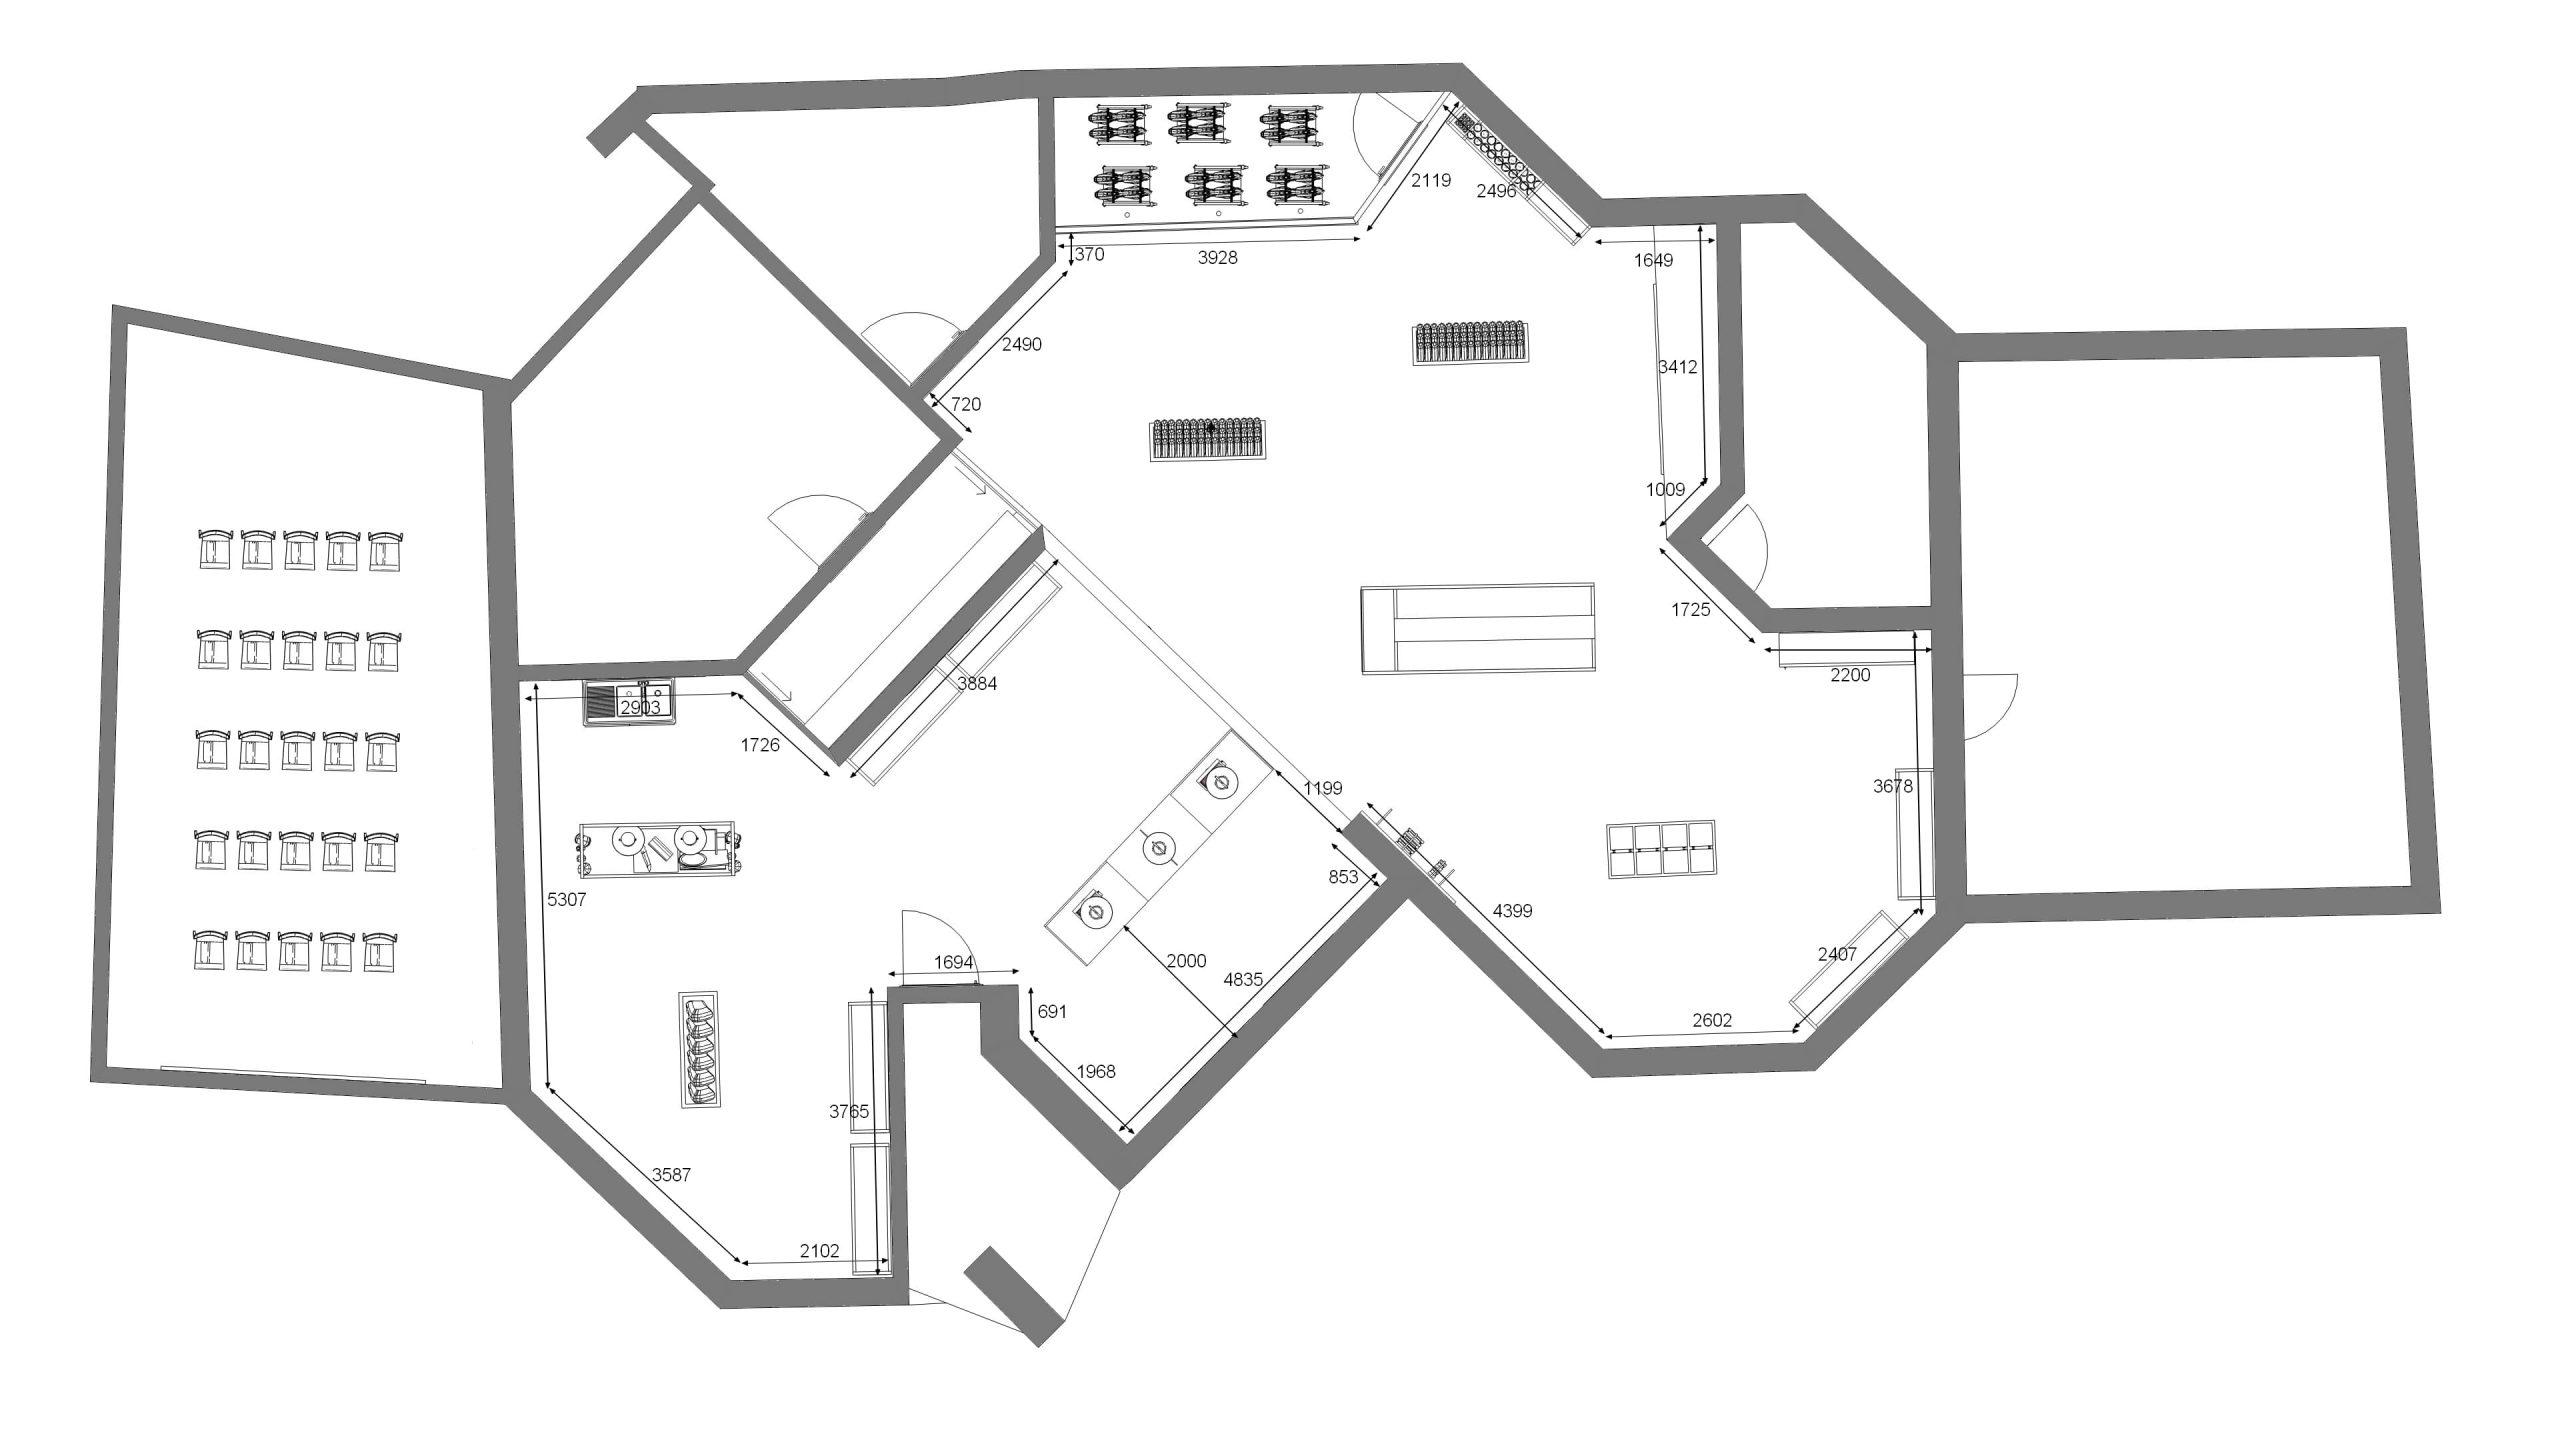 Plan 2D de l'agencement du magasin Oberti à Lacaune réalisé par SAFRA Agencement